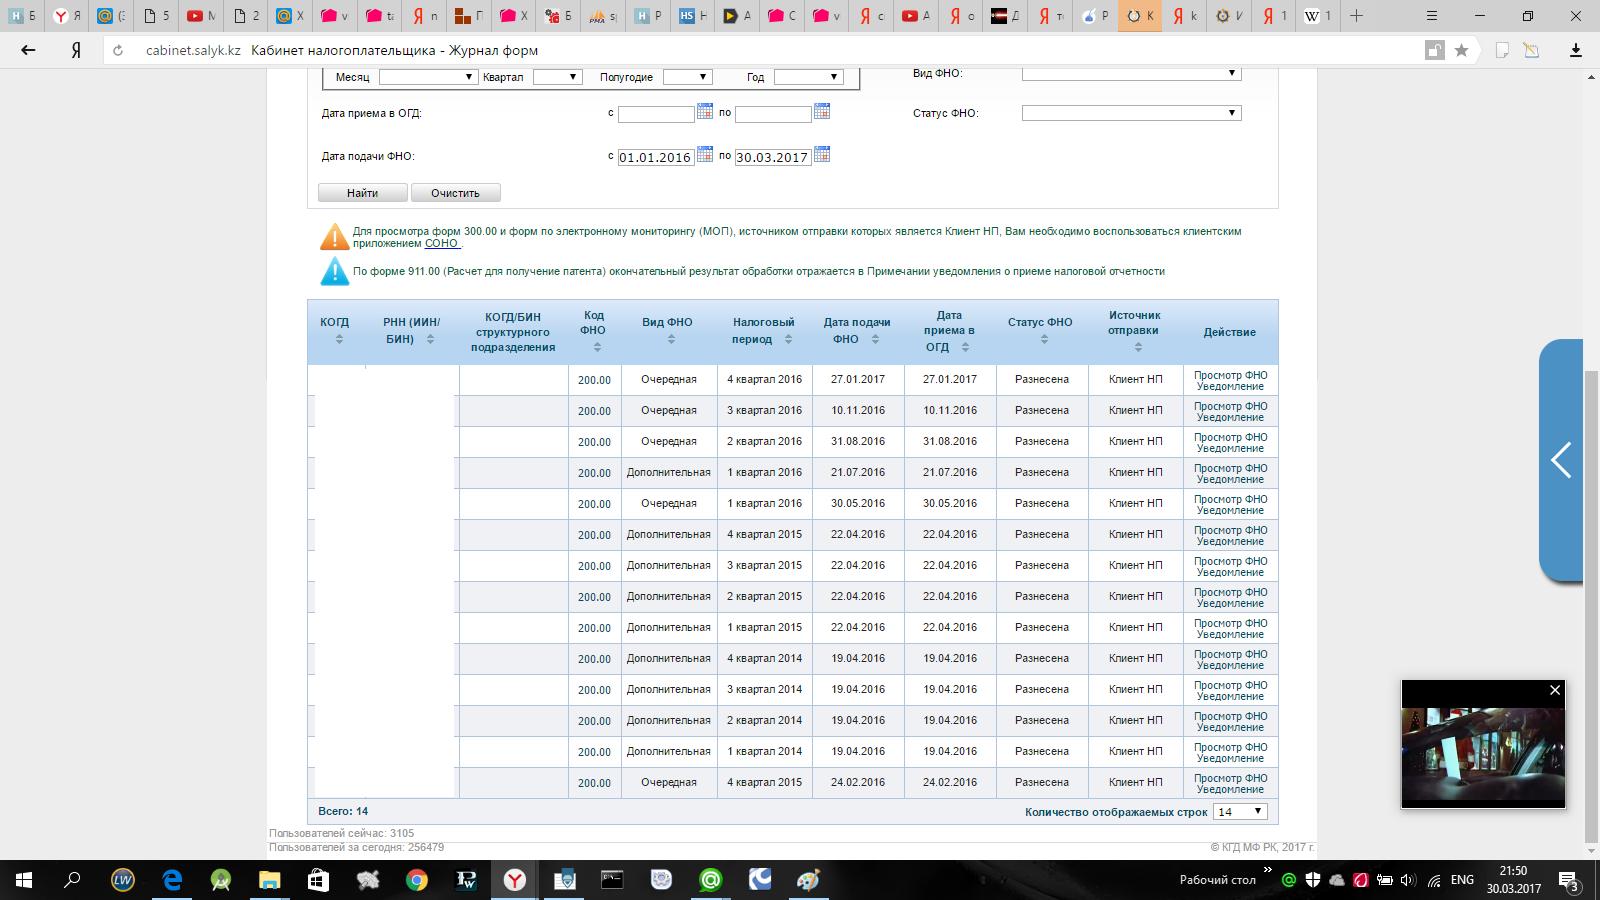 Прочие услуги и работы 100.00 форма налог поиск суррогатных матерей частные объявления